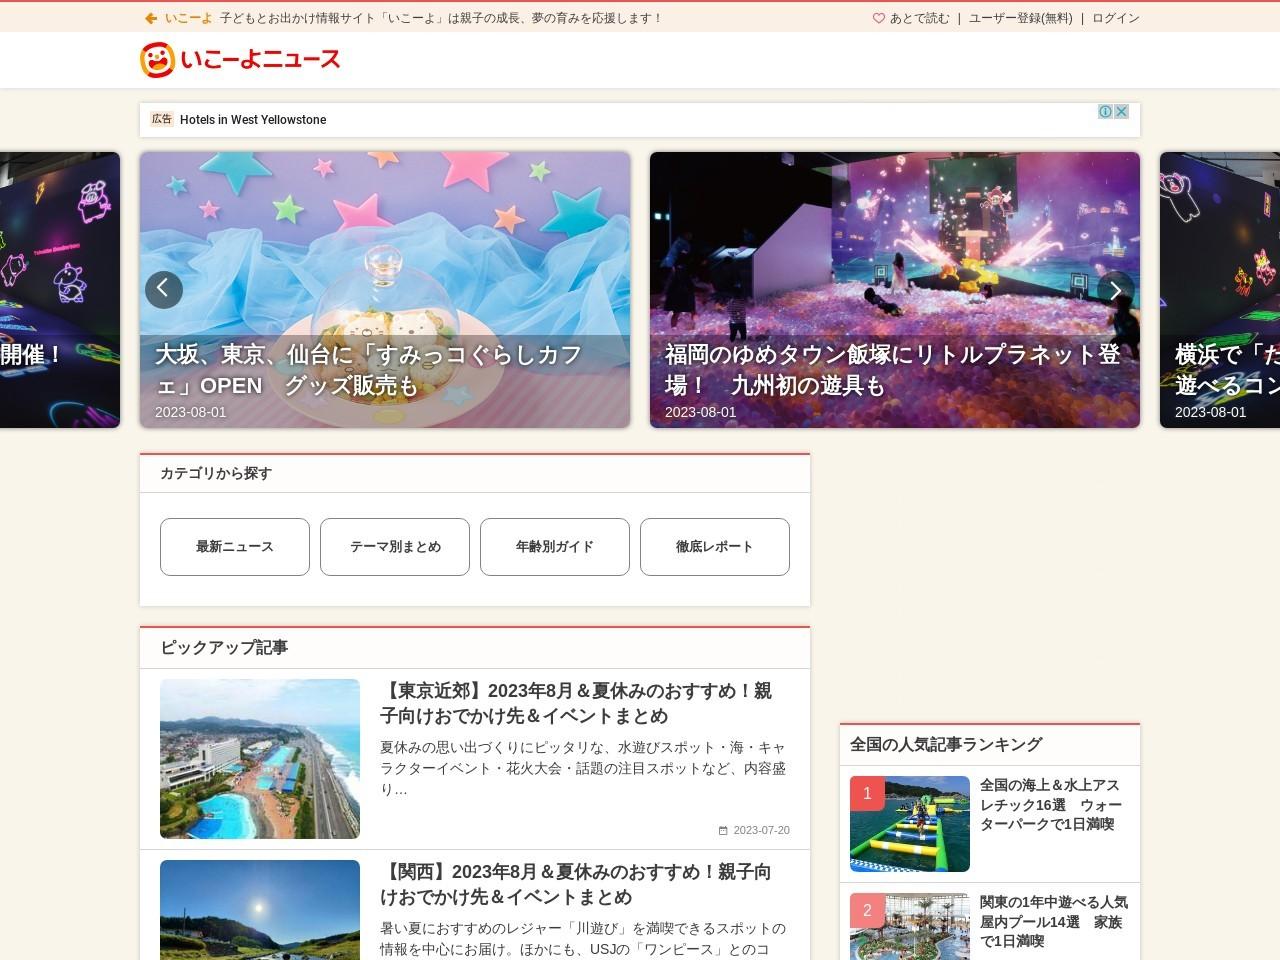 【自動投稿】 【関東】2021年春オープン&大型リニューアルの注目スポット8選